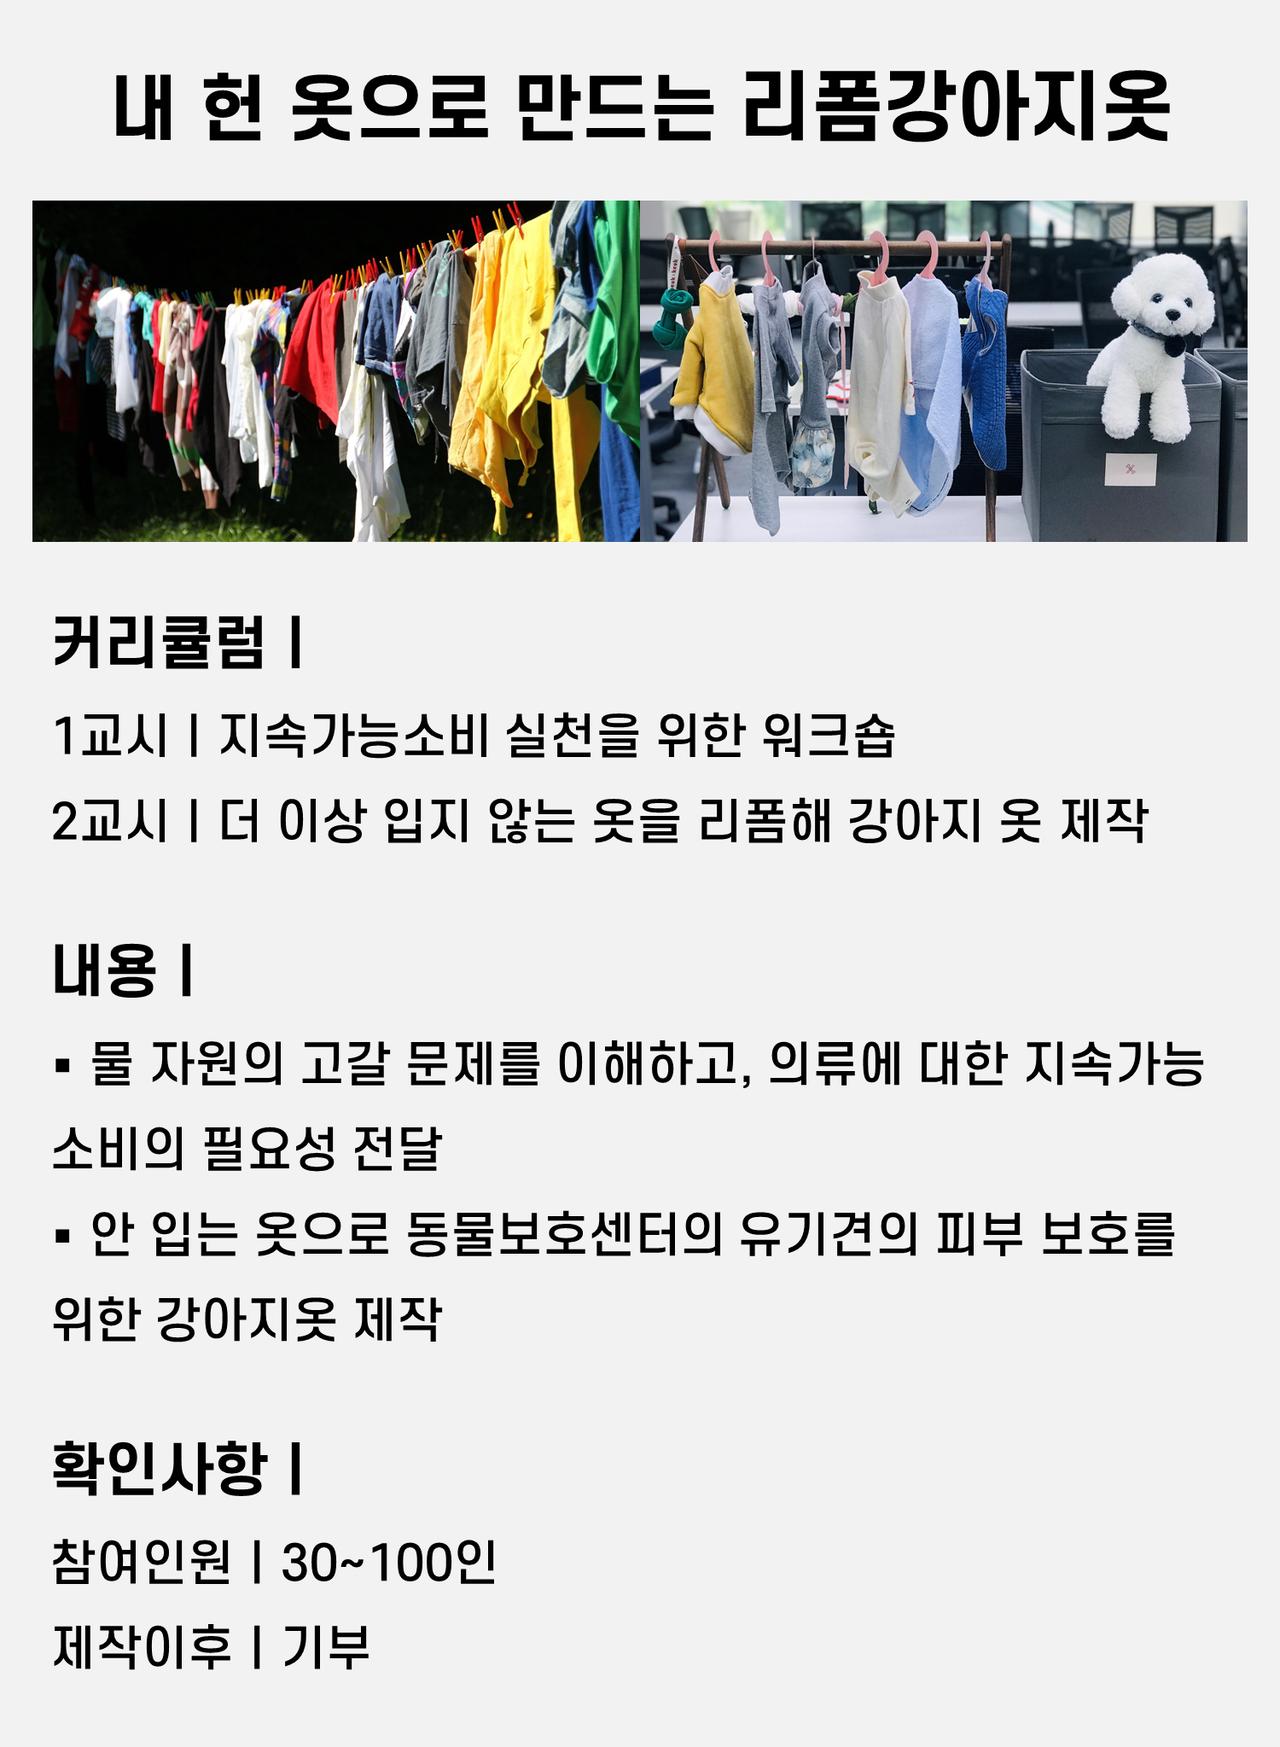 자원순환  유기견봉사 강아지옷 헌옷리폼 업사이클링 키트봉사 비대면활동